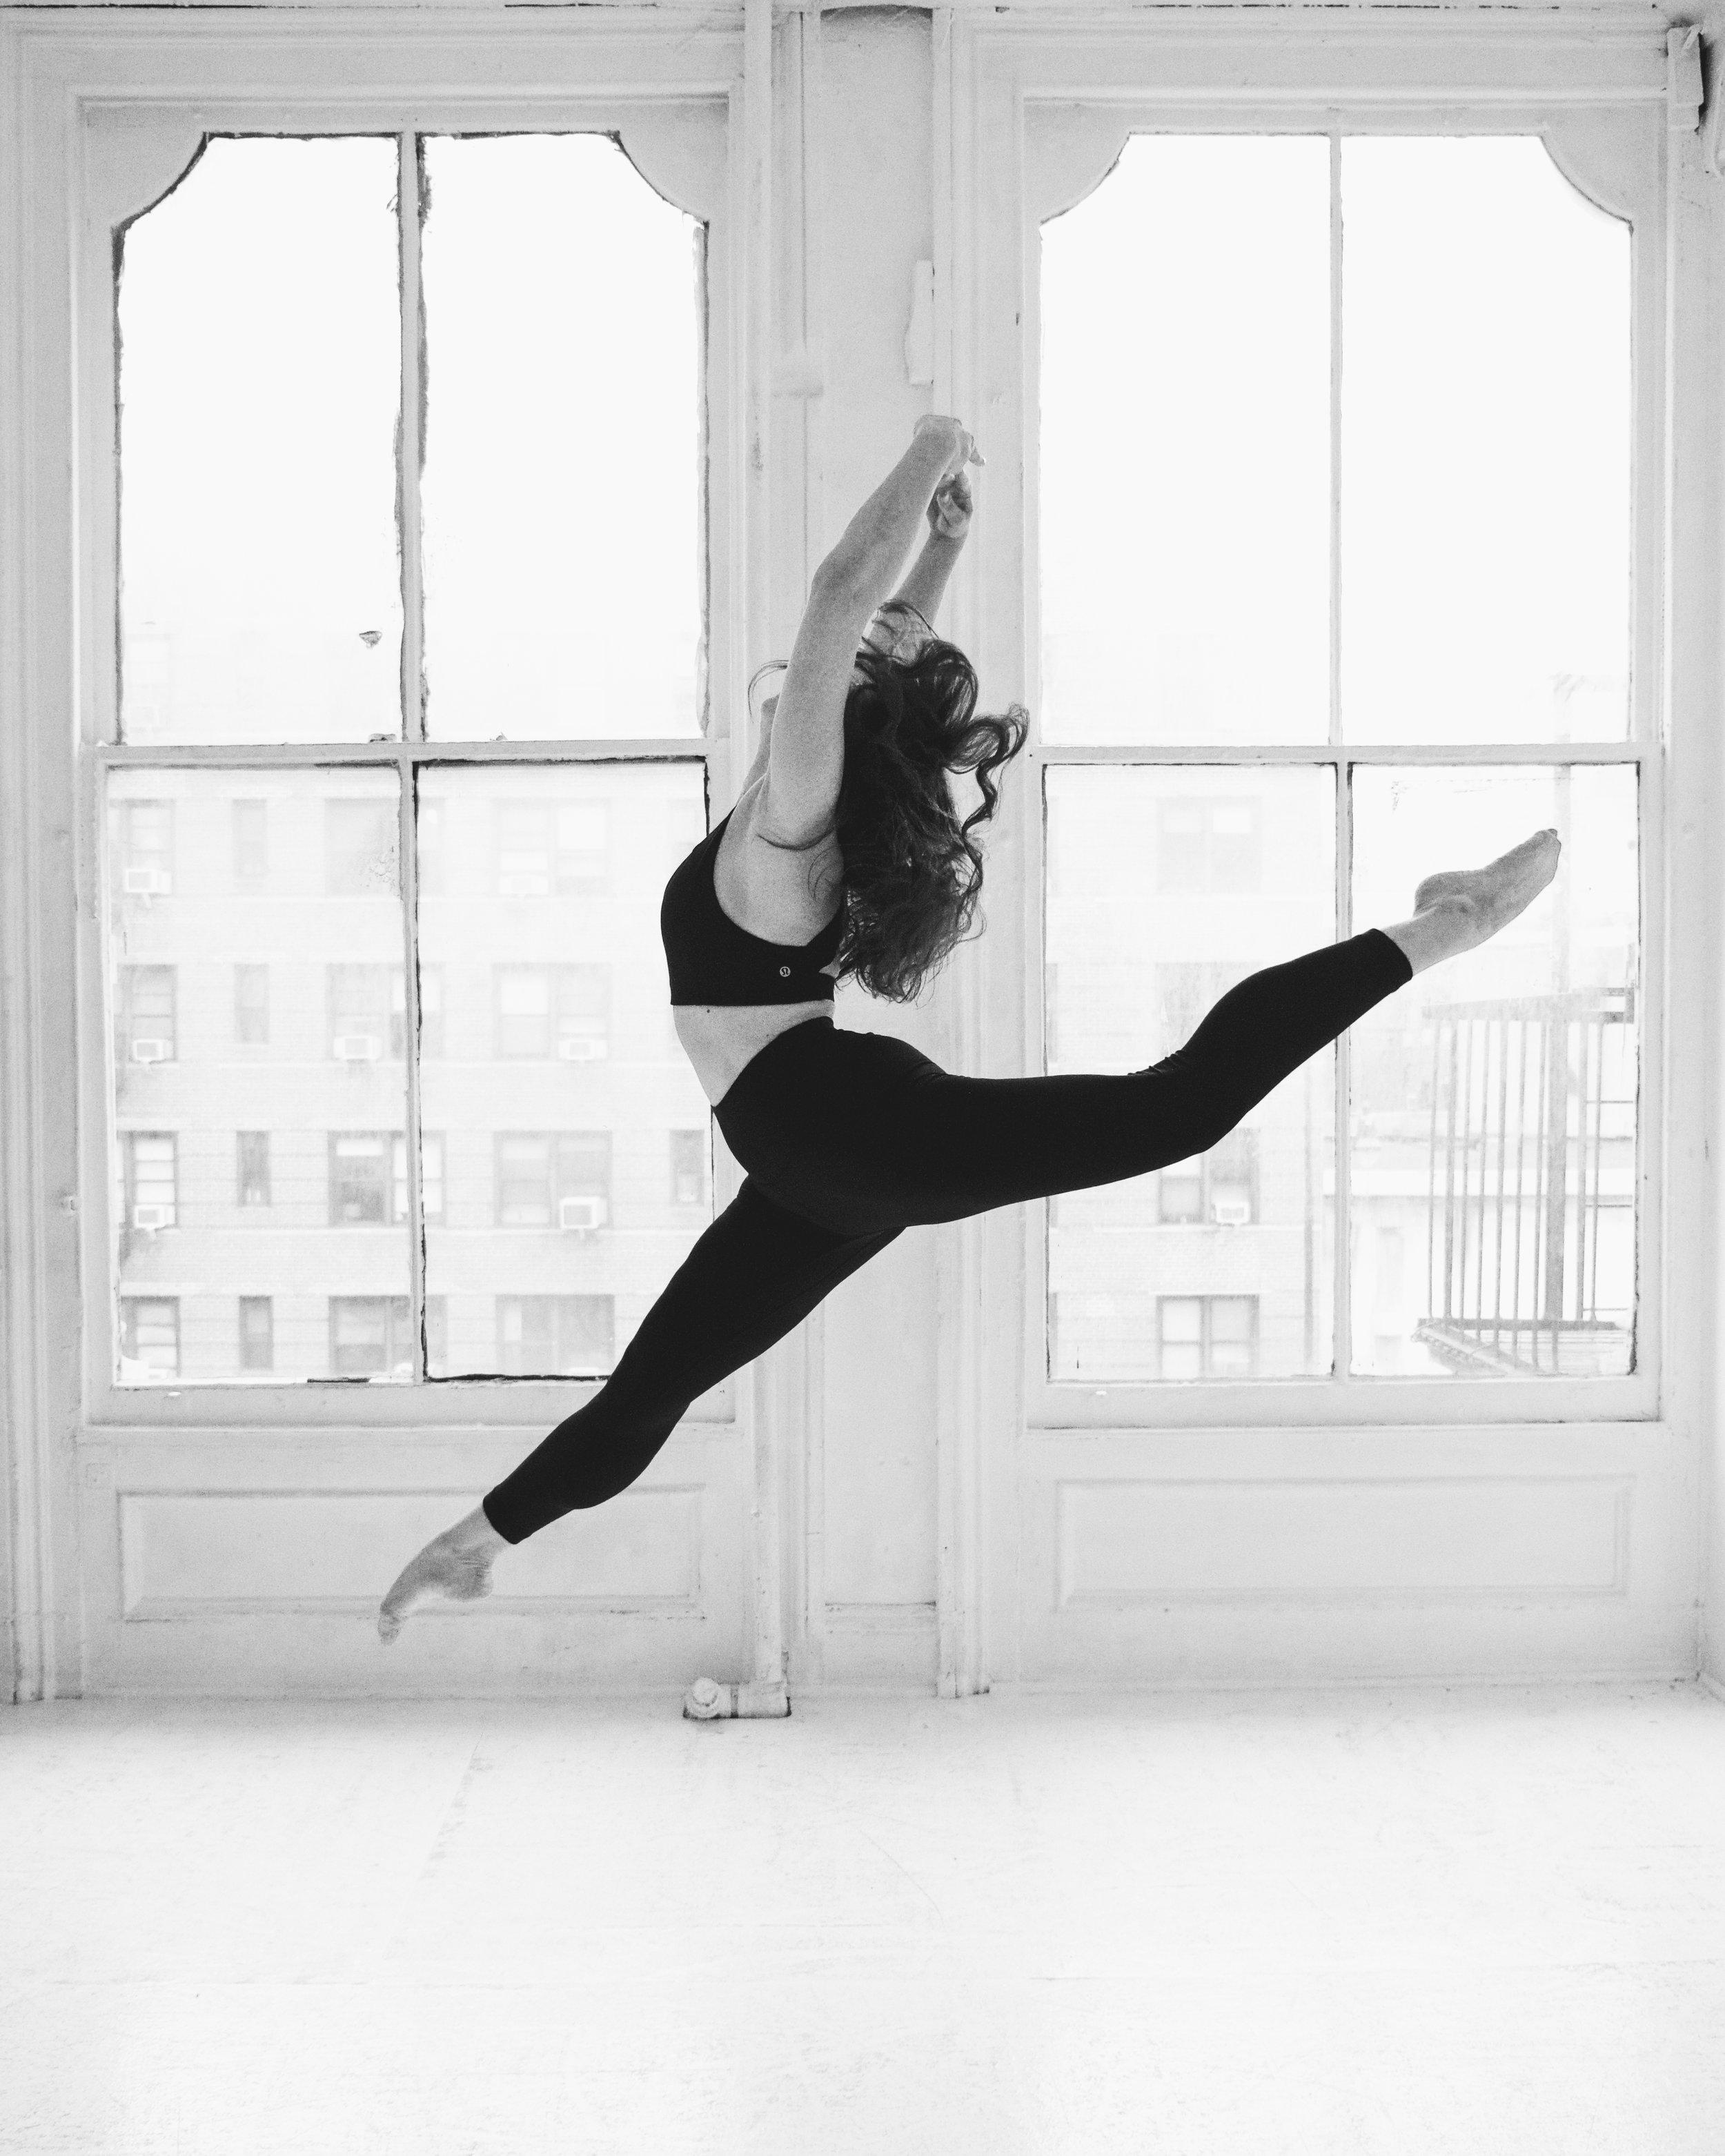 dance_edits-1077881.jpg